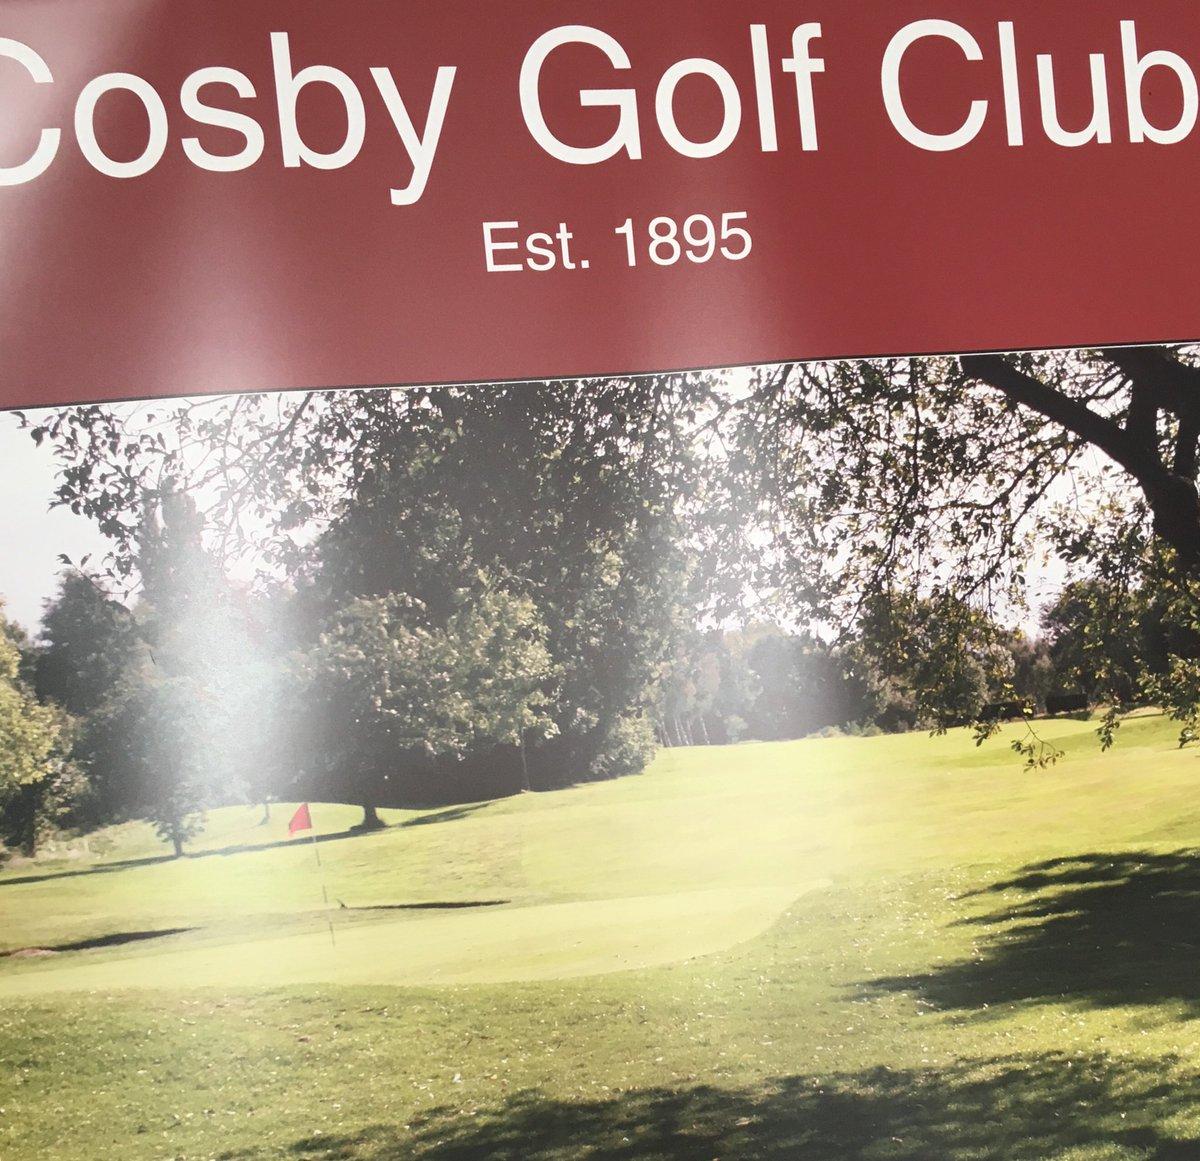 Cosby Golf Club Cosbygolfclub Twitter